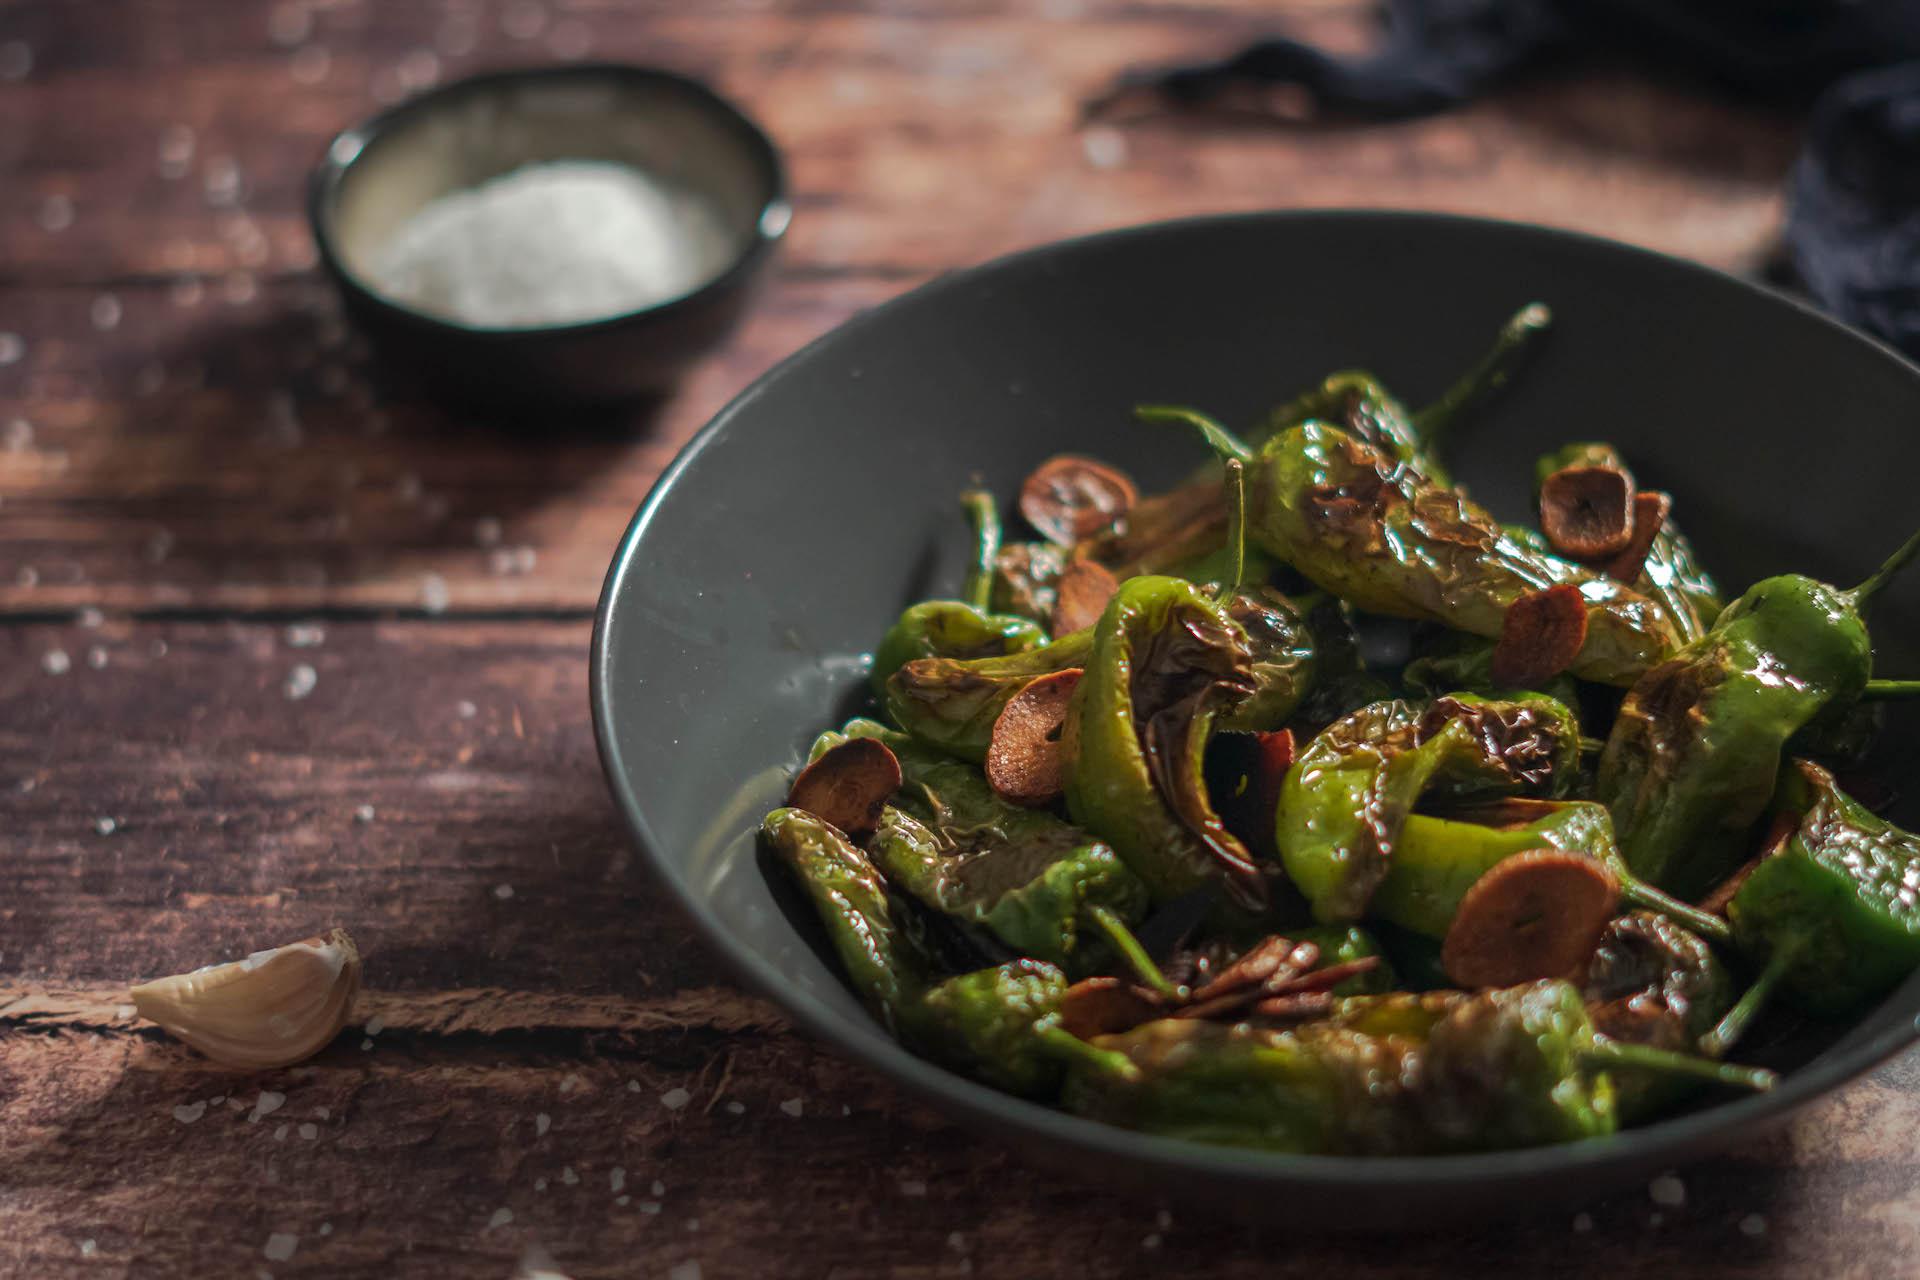 Padrón Peppers, Grilované zelené papriky – Padrón Peppers